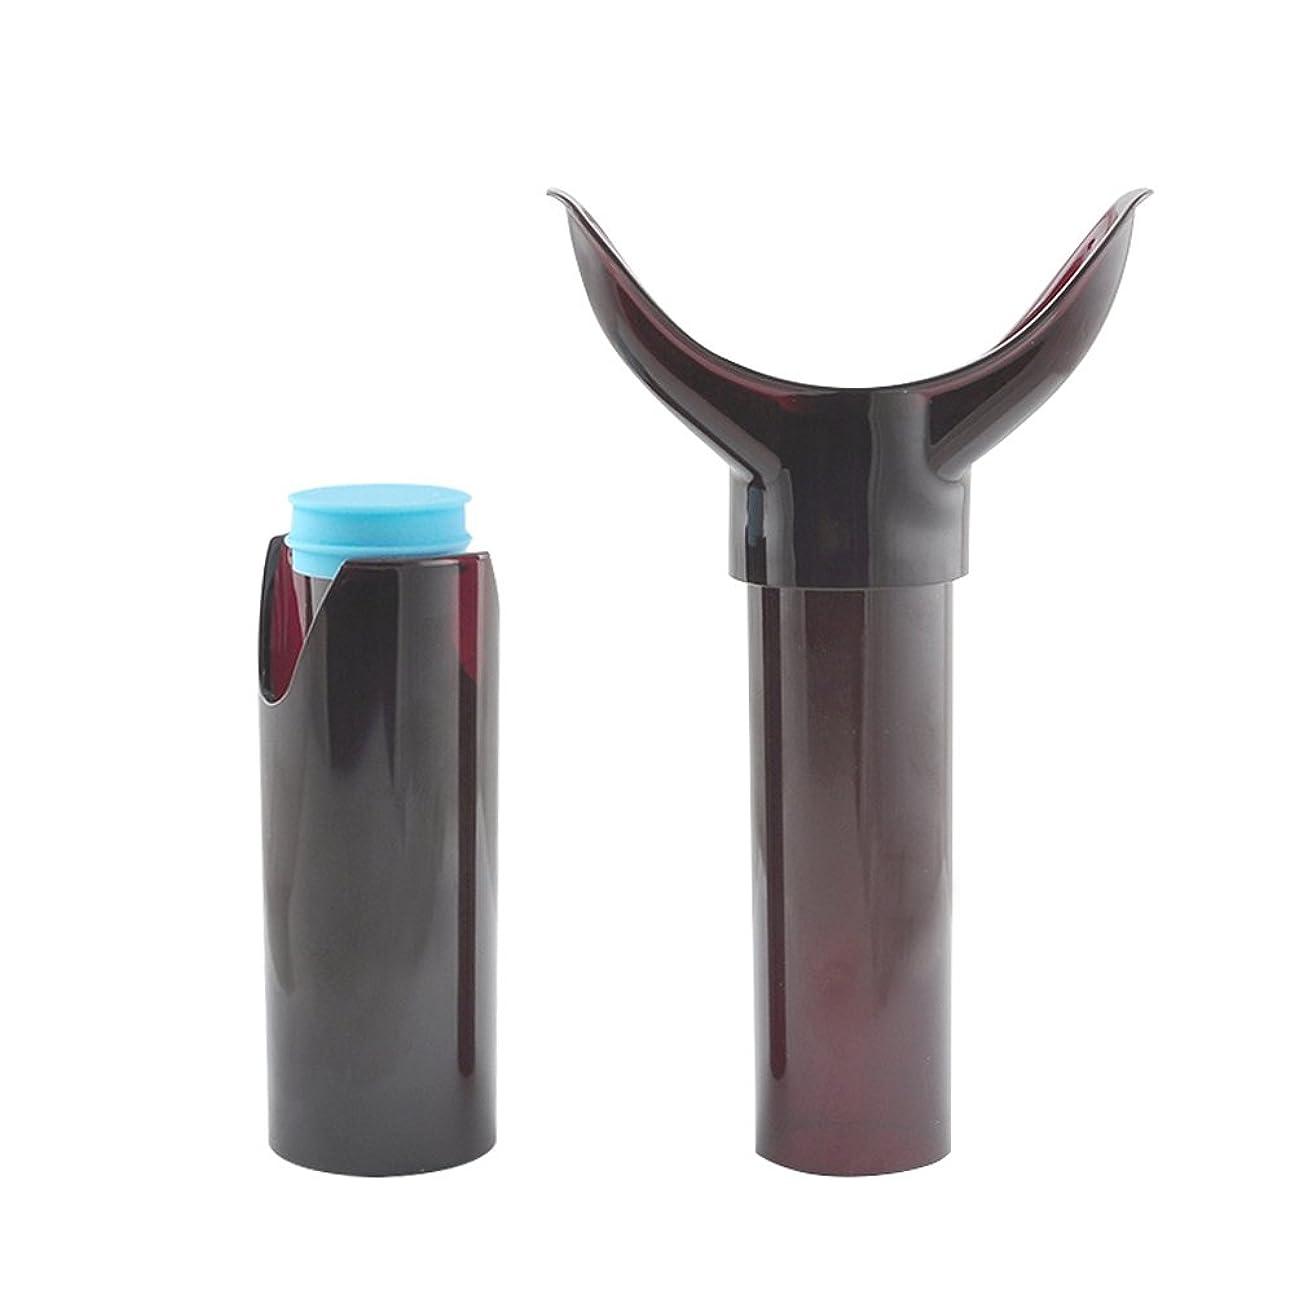 アイドルブレークパトロンFairmall リップエンハンサー セクシーリップス リッププルーパー ふっくら唇に  毎日の化粧或いはパーティーなどに適応 レディース用